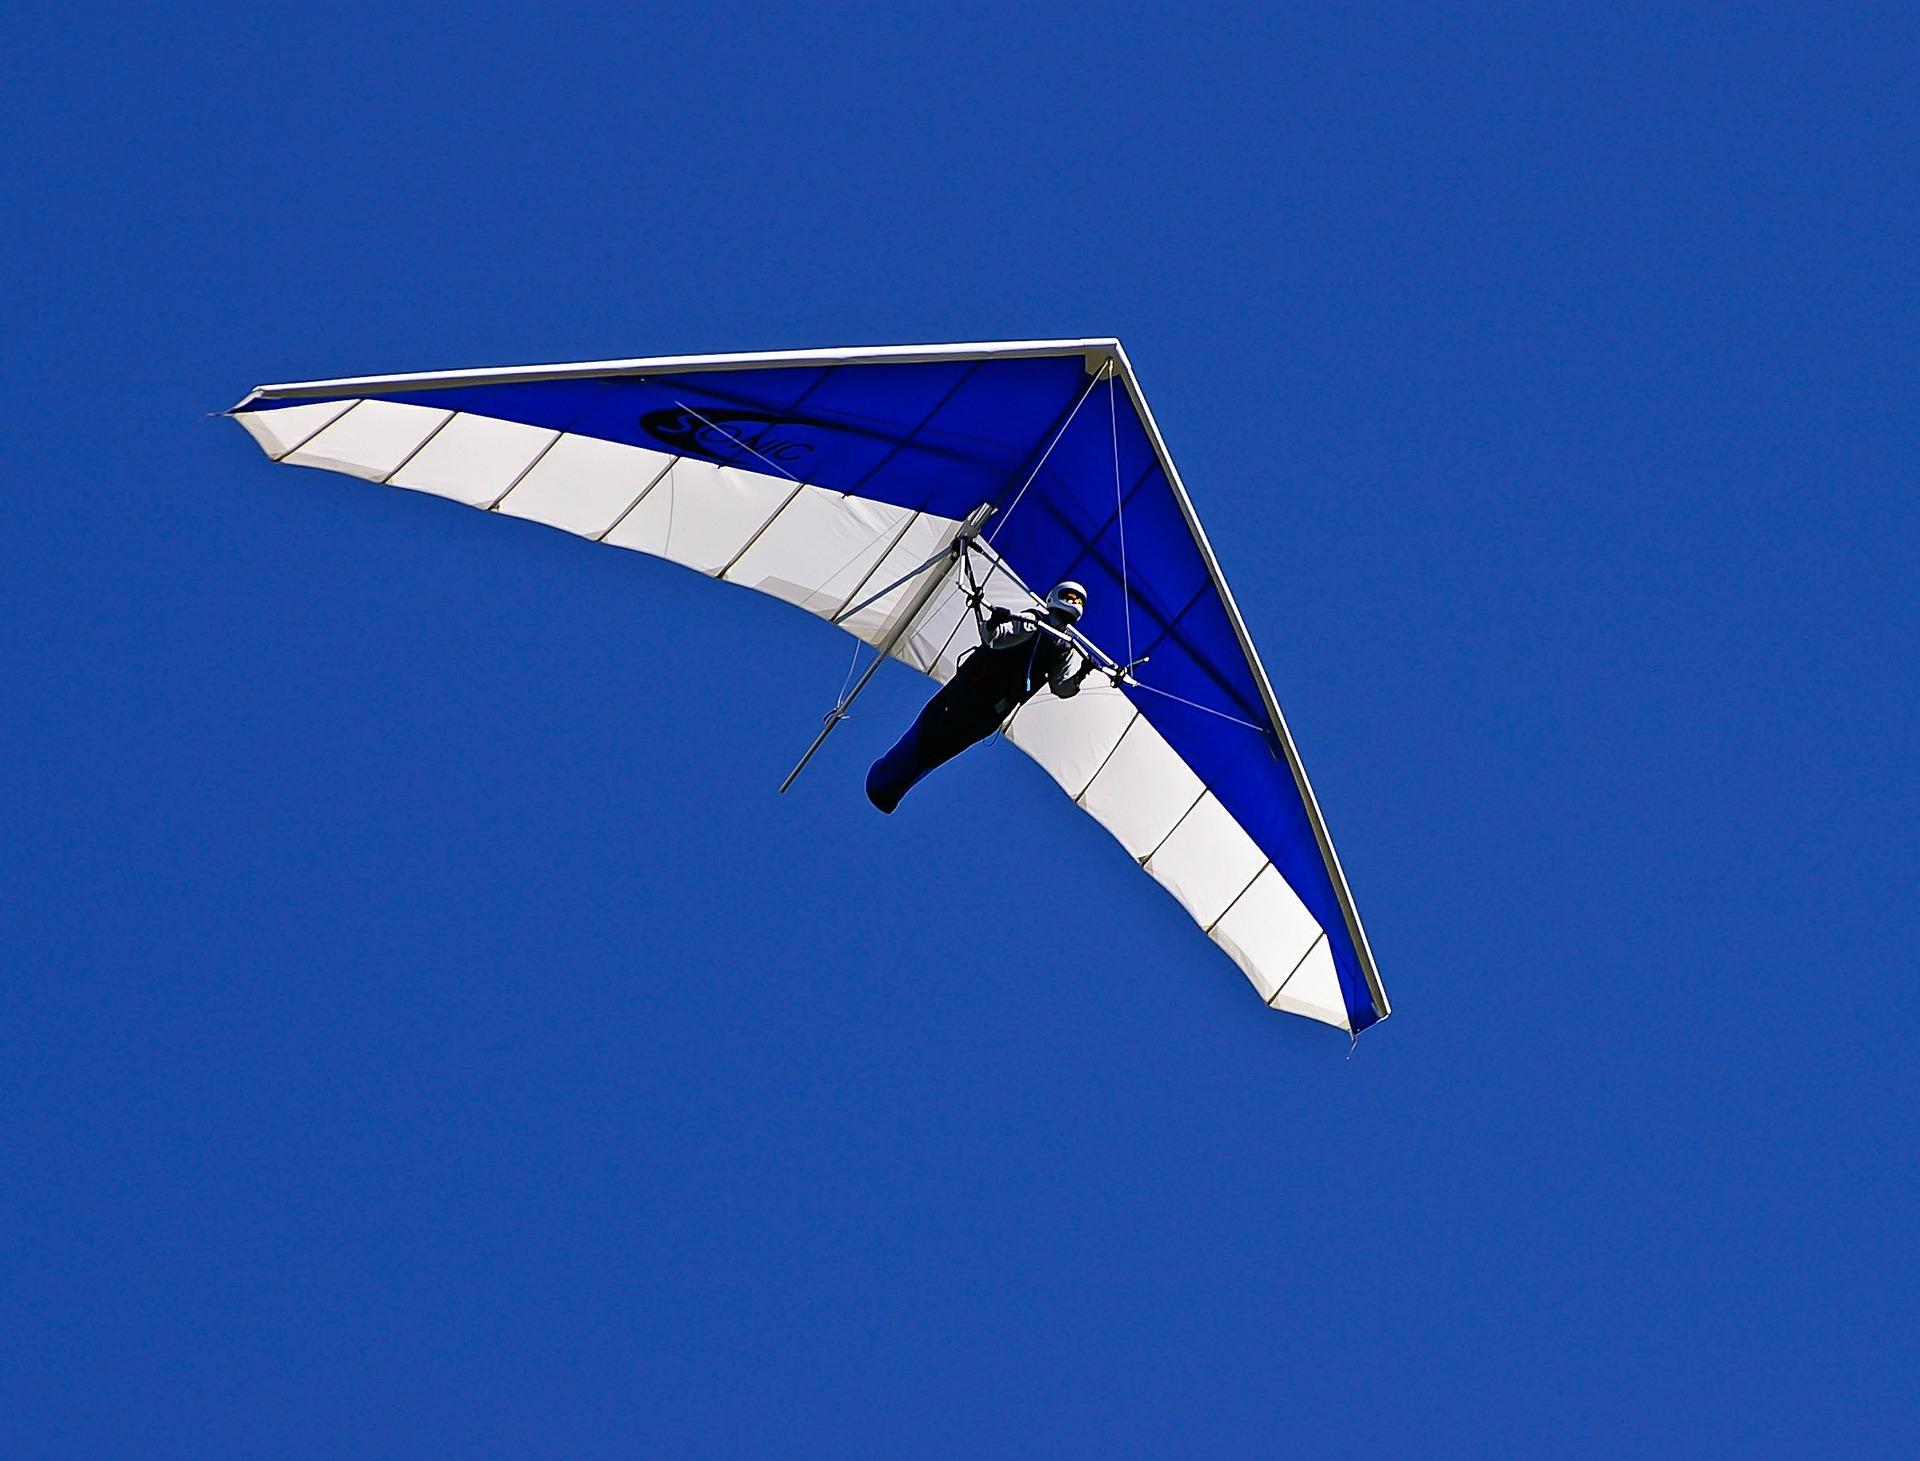 glider-420720_1920